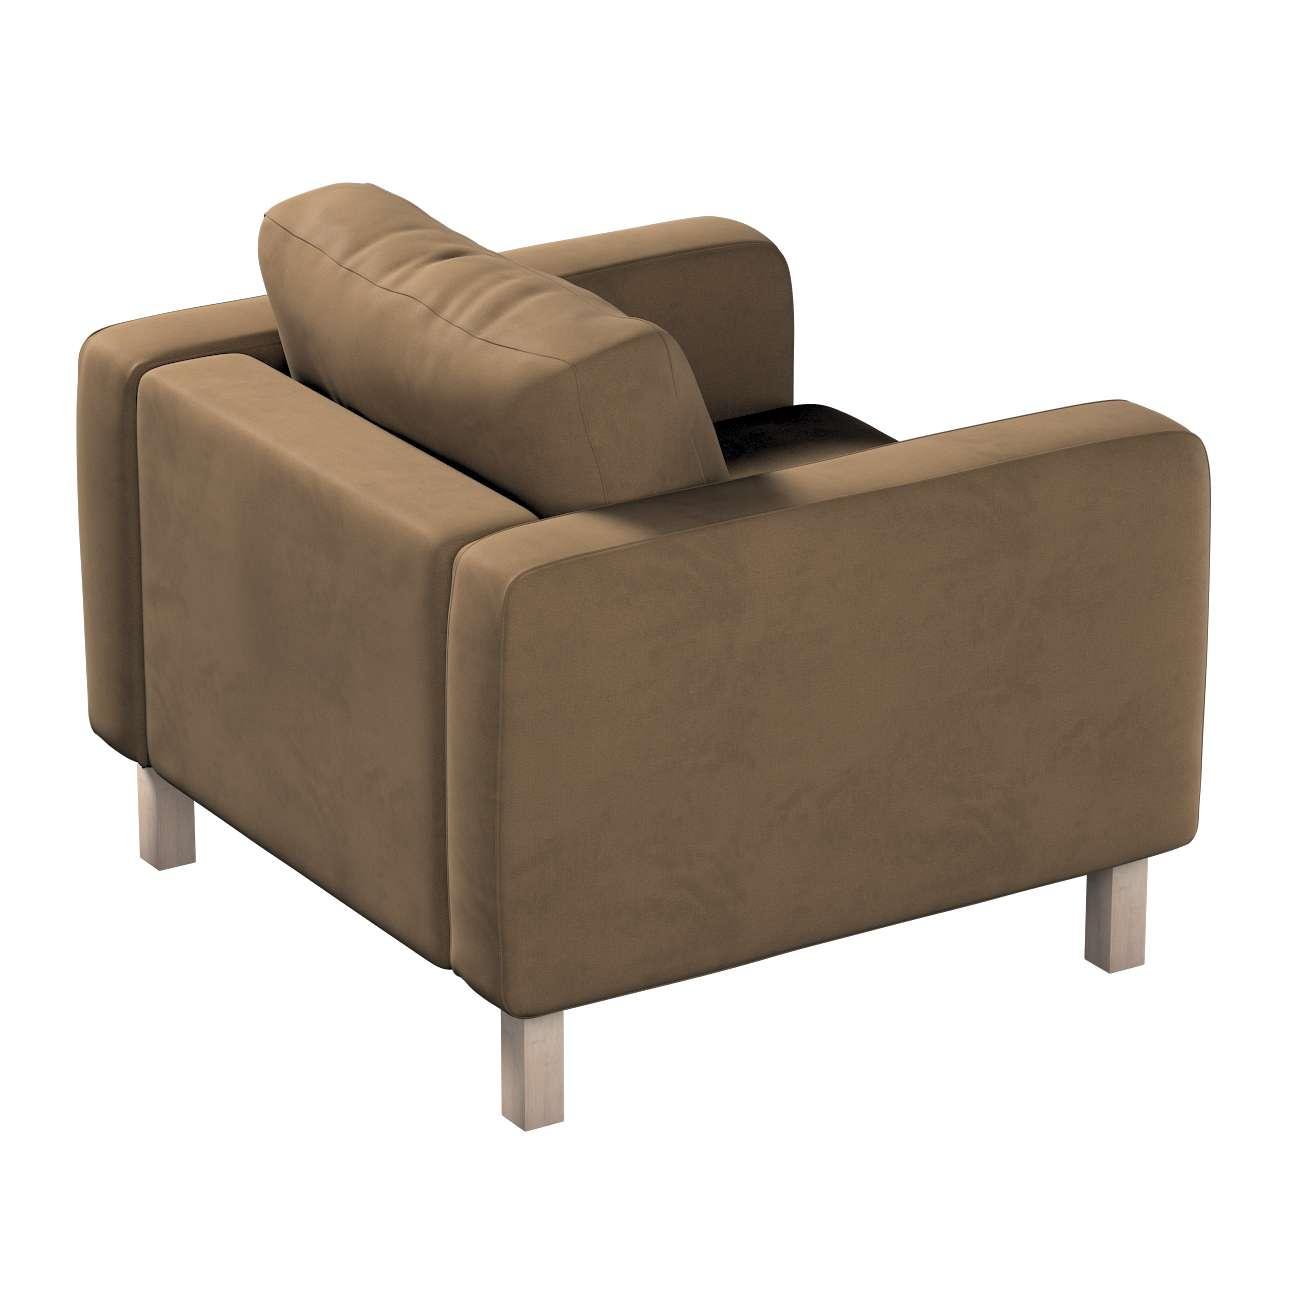 Pokrowiec na fotel Karlstad, krótki w kolekcji Living II, tkanina: 160-94